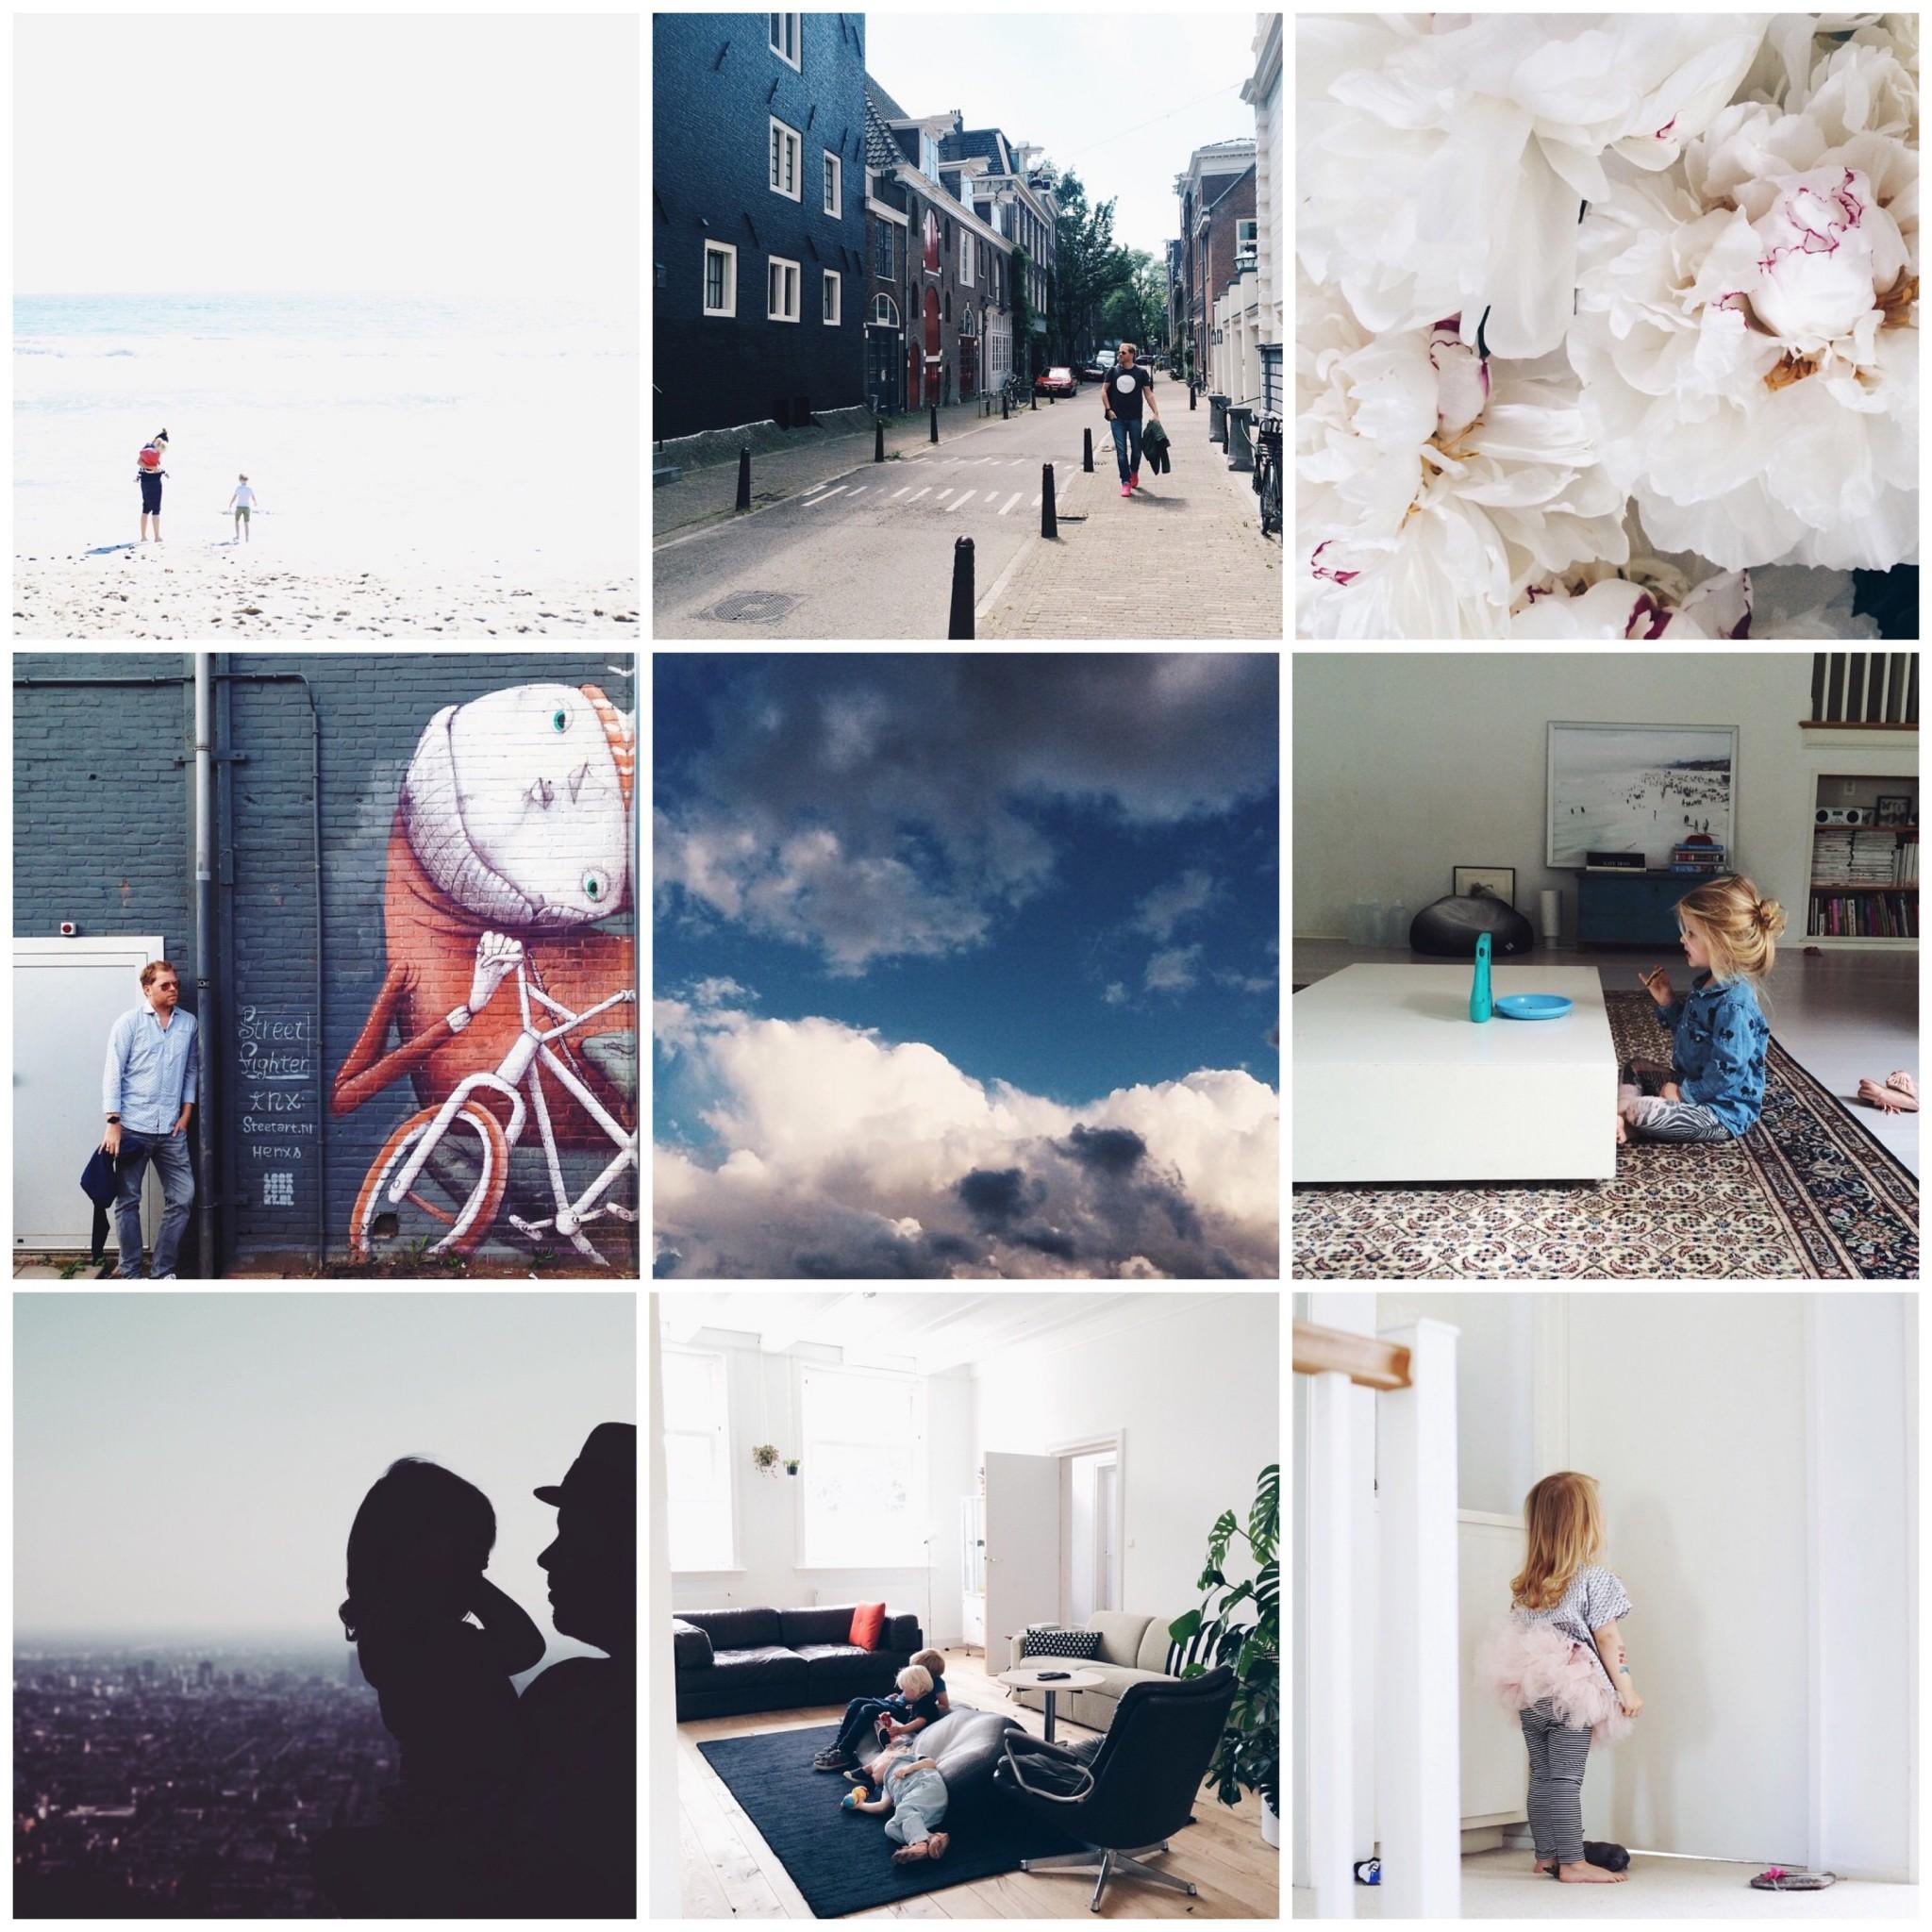 June on instagram @madebylon